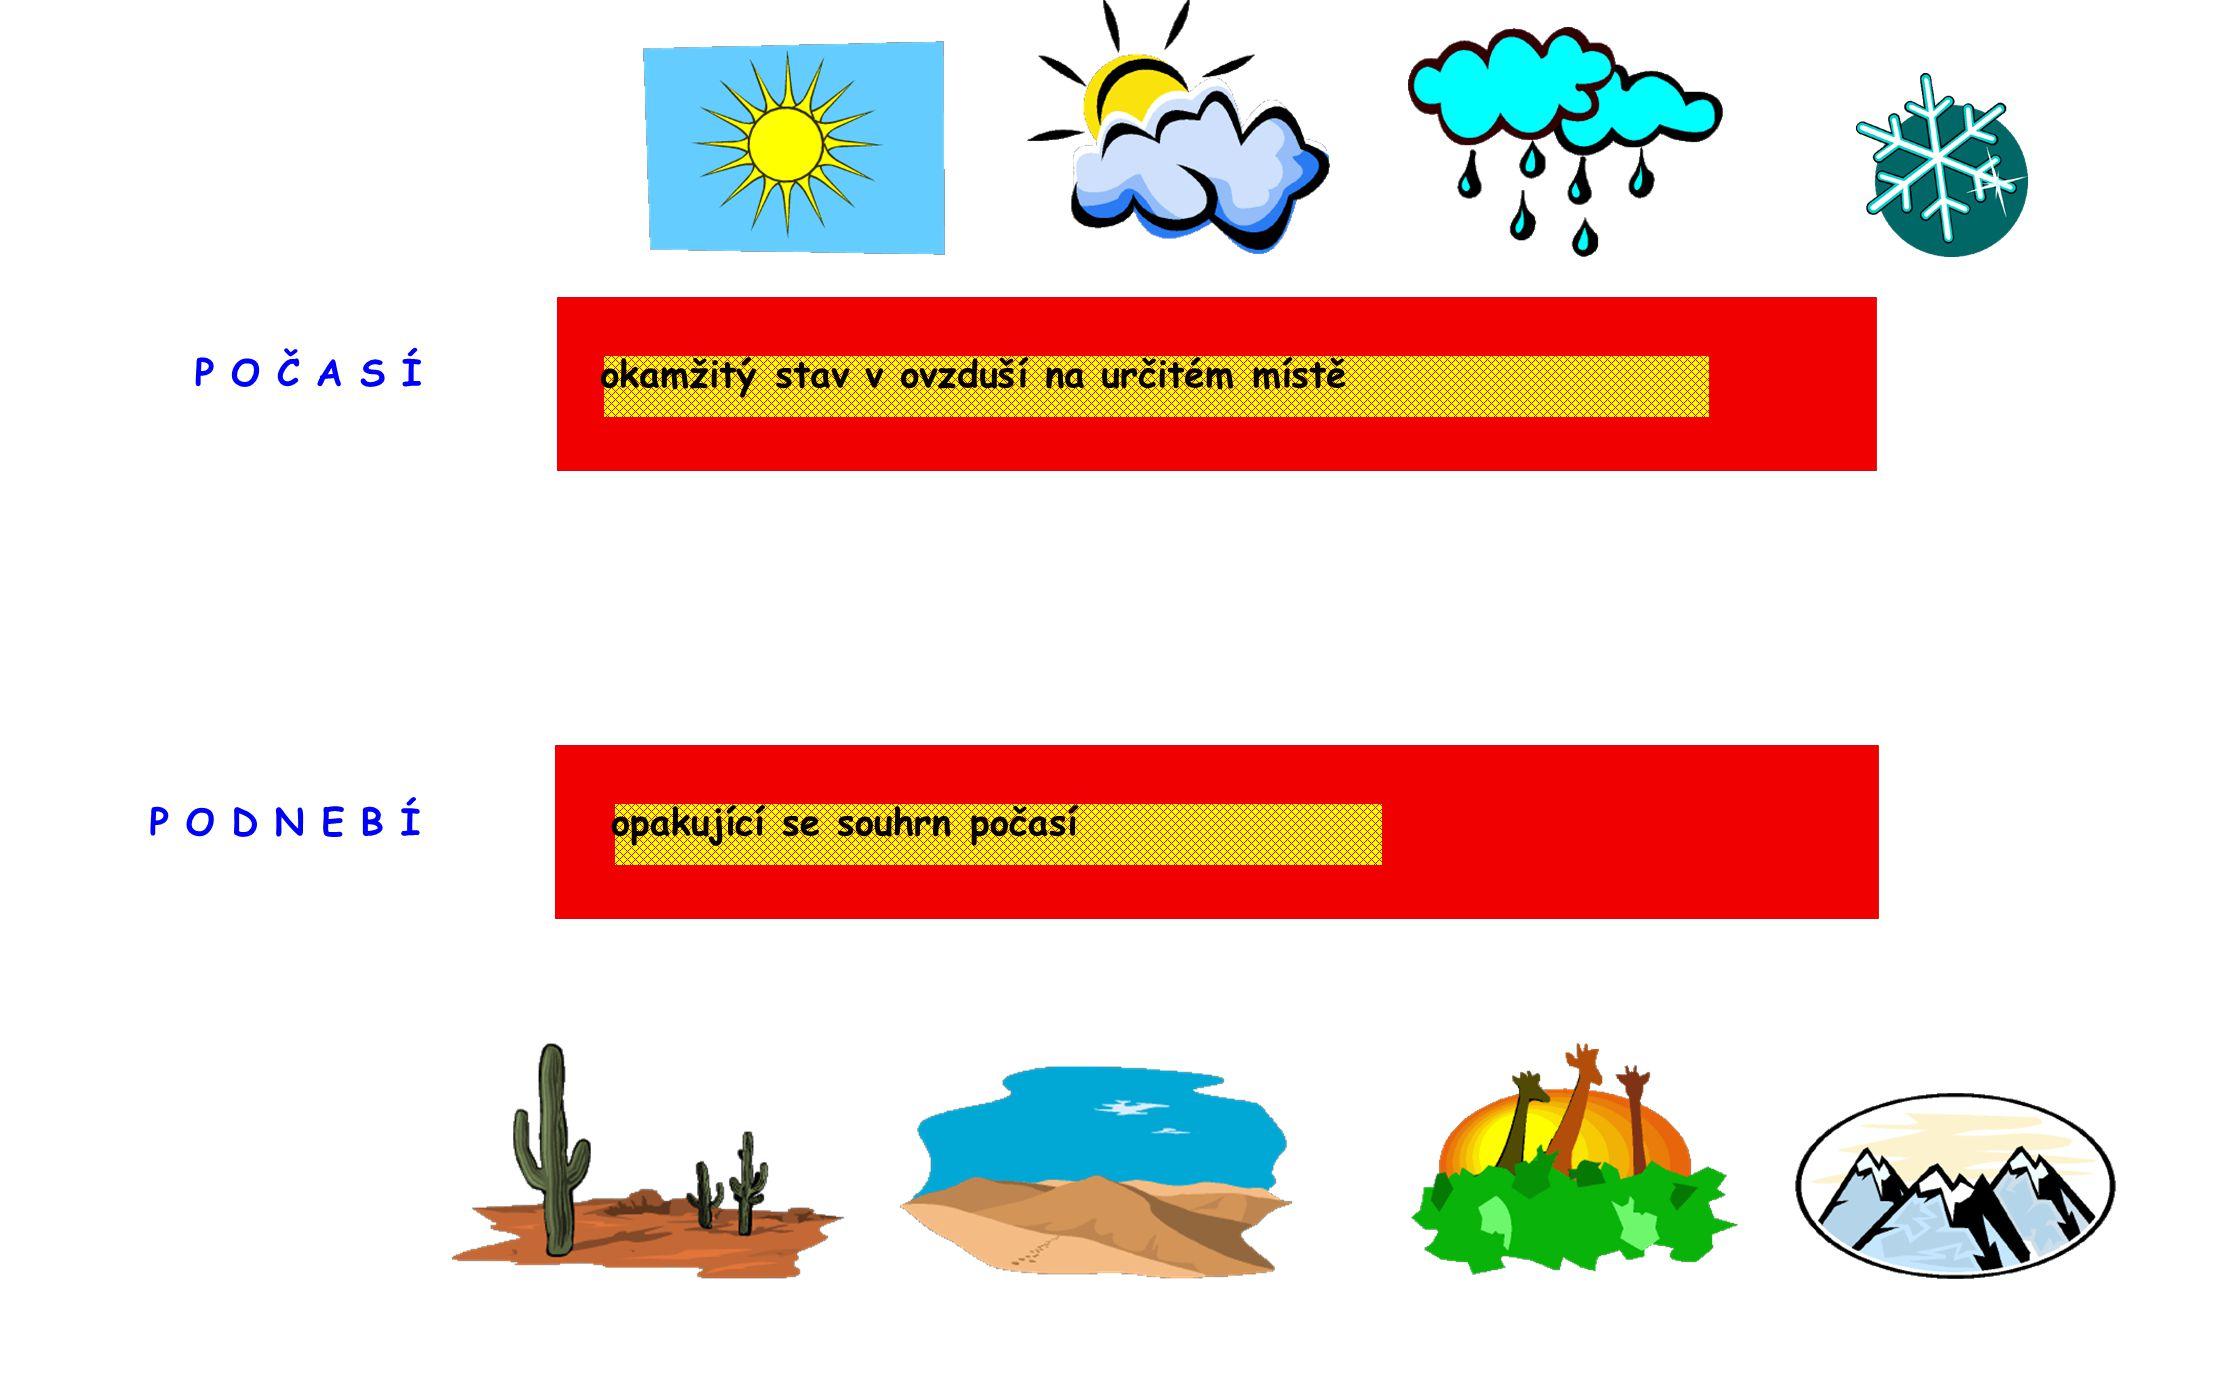 Podnebí (= klima) - průměrný stav počasí na daném místě, sledovaný alespoň 50 let Pro určení podnebí se určuje:množství srážek v průběhu roku průběh teploty v průběhu roku Podnebí je ovlivněno: klimatickými činiteli zeměpisná šířka ovlivňuje množství slunečního záření nadmořská výška teplota s nadmořskou výškou klesá vliv oceánů vzdálenost od oceánů odlišuje kontinentální a oceánské klima (oceánské - nevyskytují se teplotní extrémy) vliv horského pásma horské pásmo ovlivňuje množství srážek 1 2 3 4 Co ovlivňuje klima Co ovlivňuje klima.